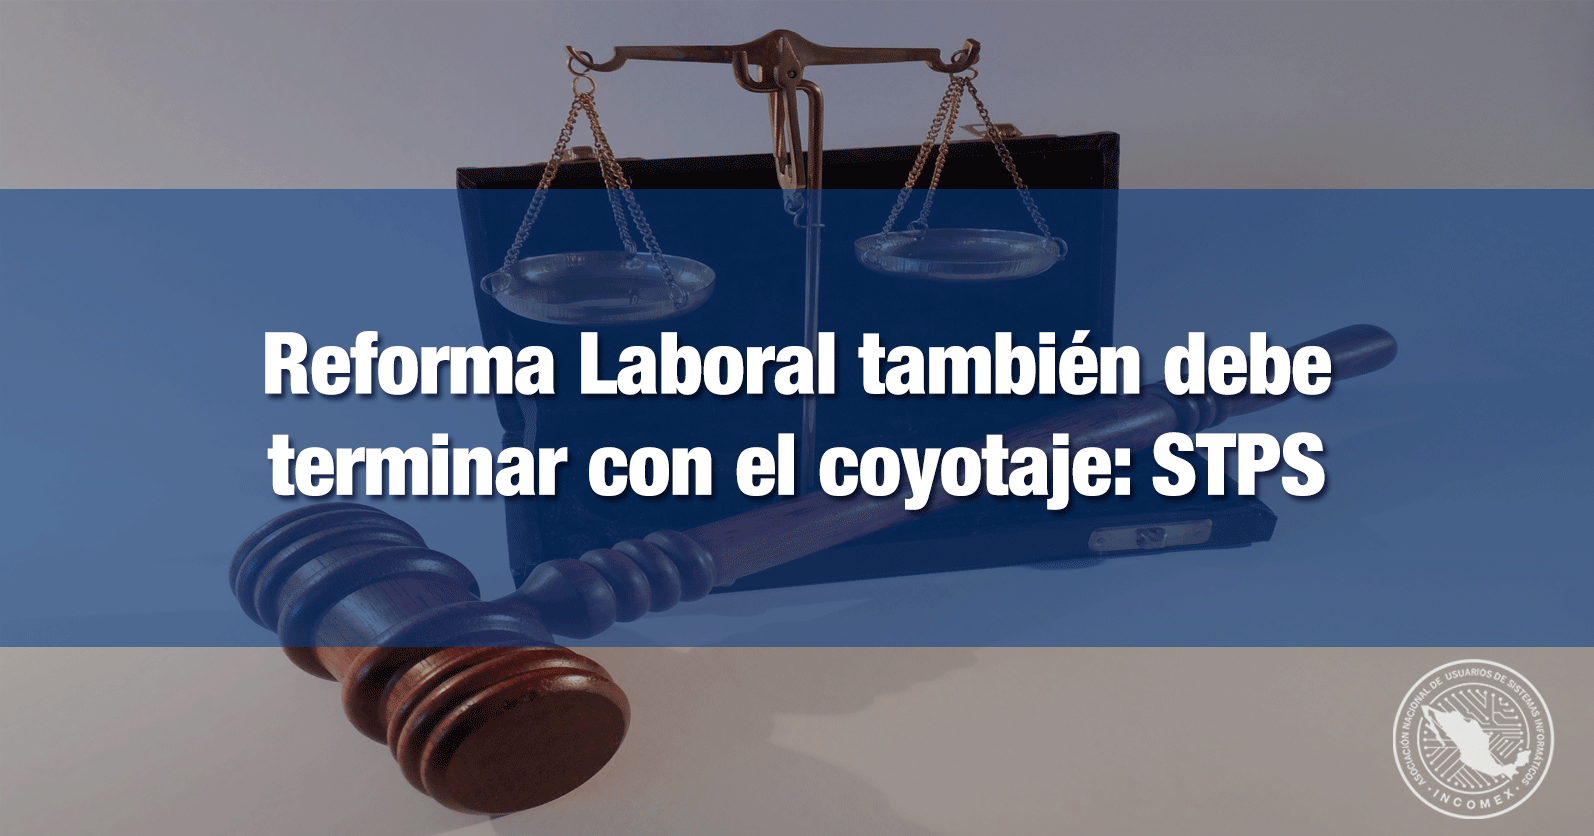 Reforma Laboral también debe terminar con el coyotaje: STPS